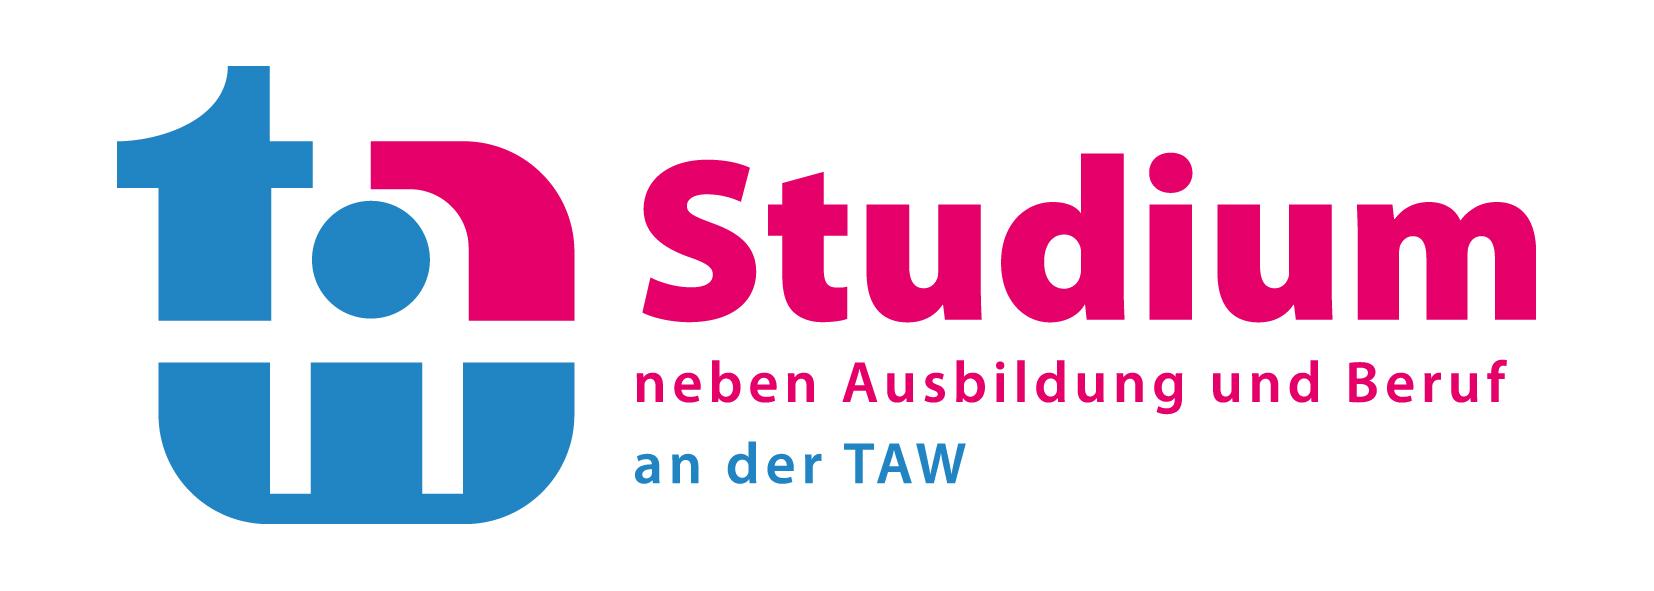 Technische Akademie Wuppertal e.V.      Weiterbildungszentrum Cottbus